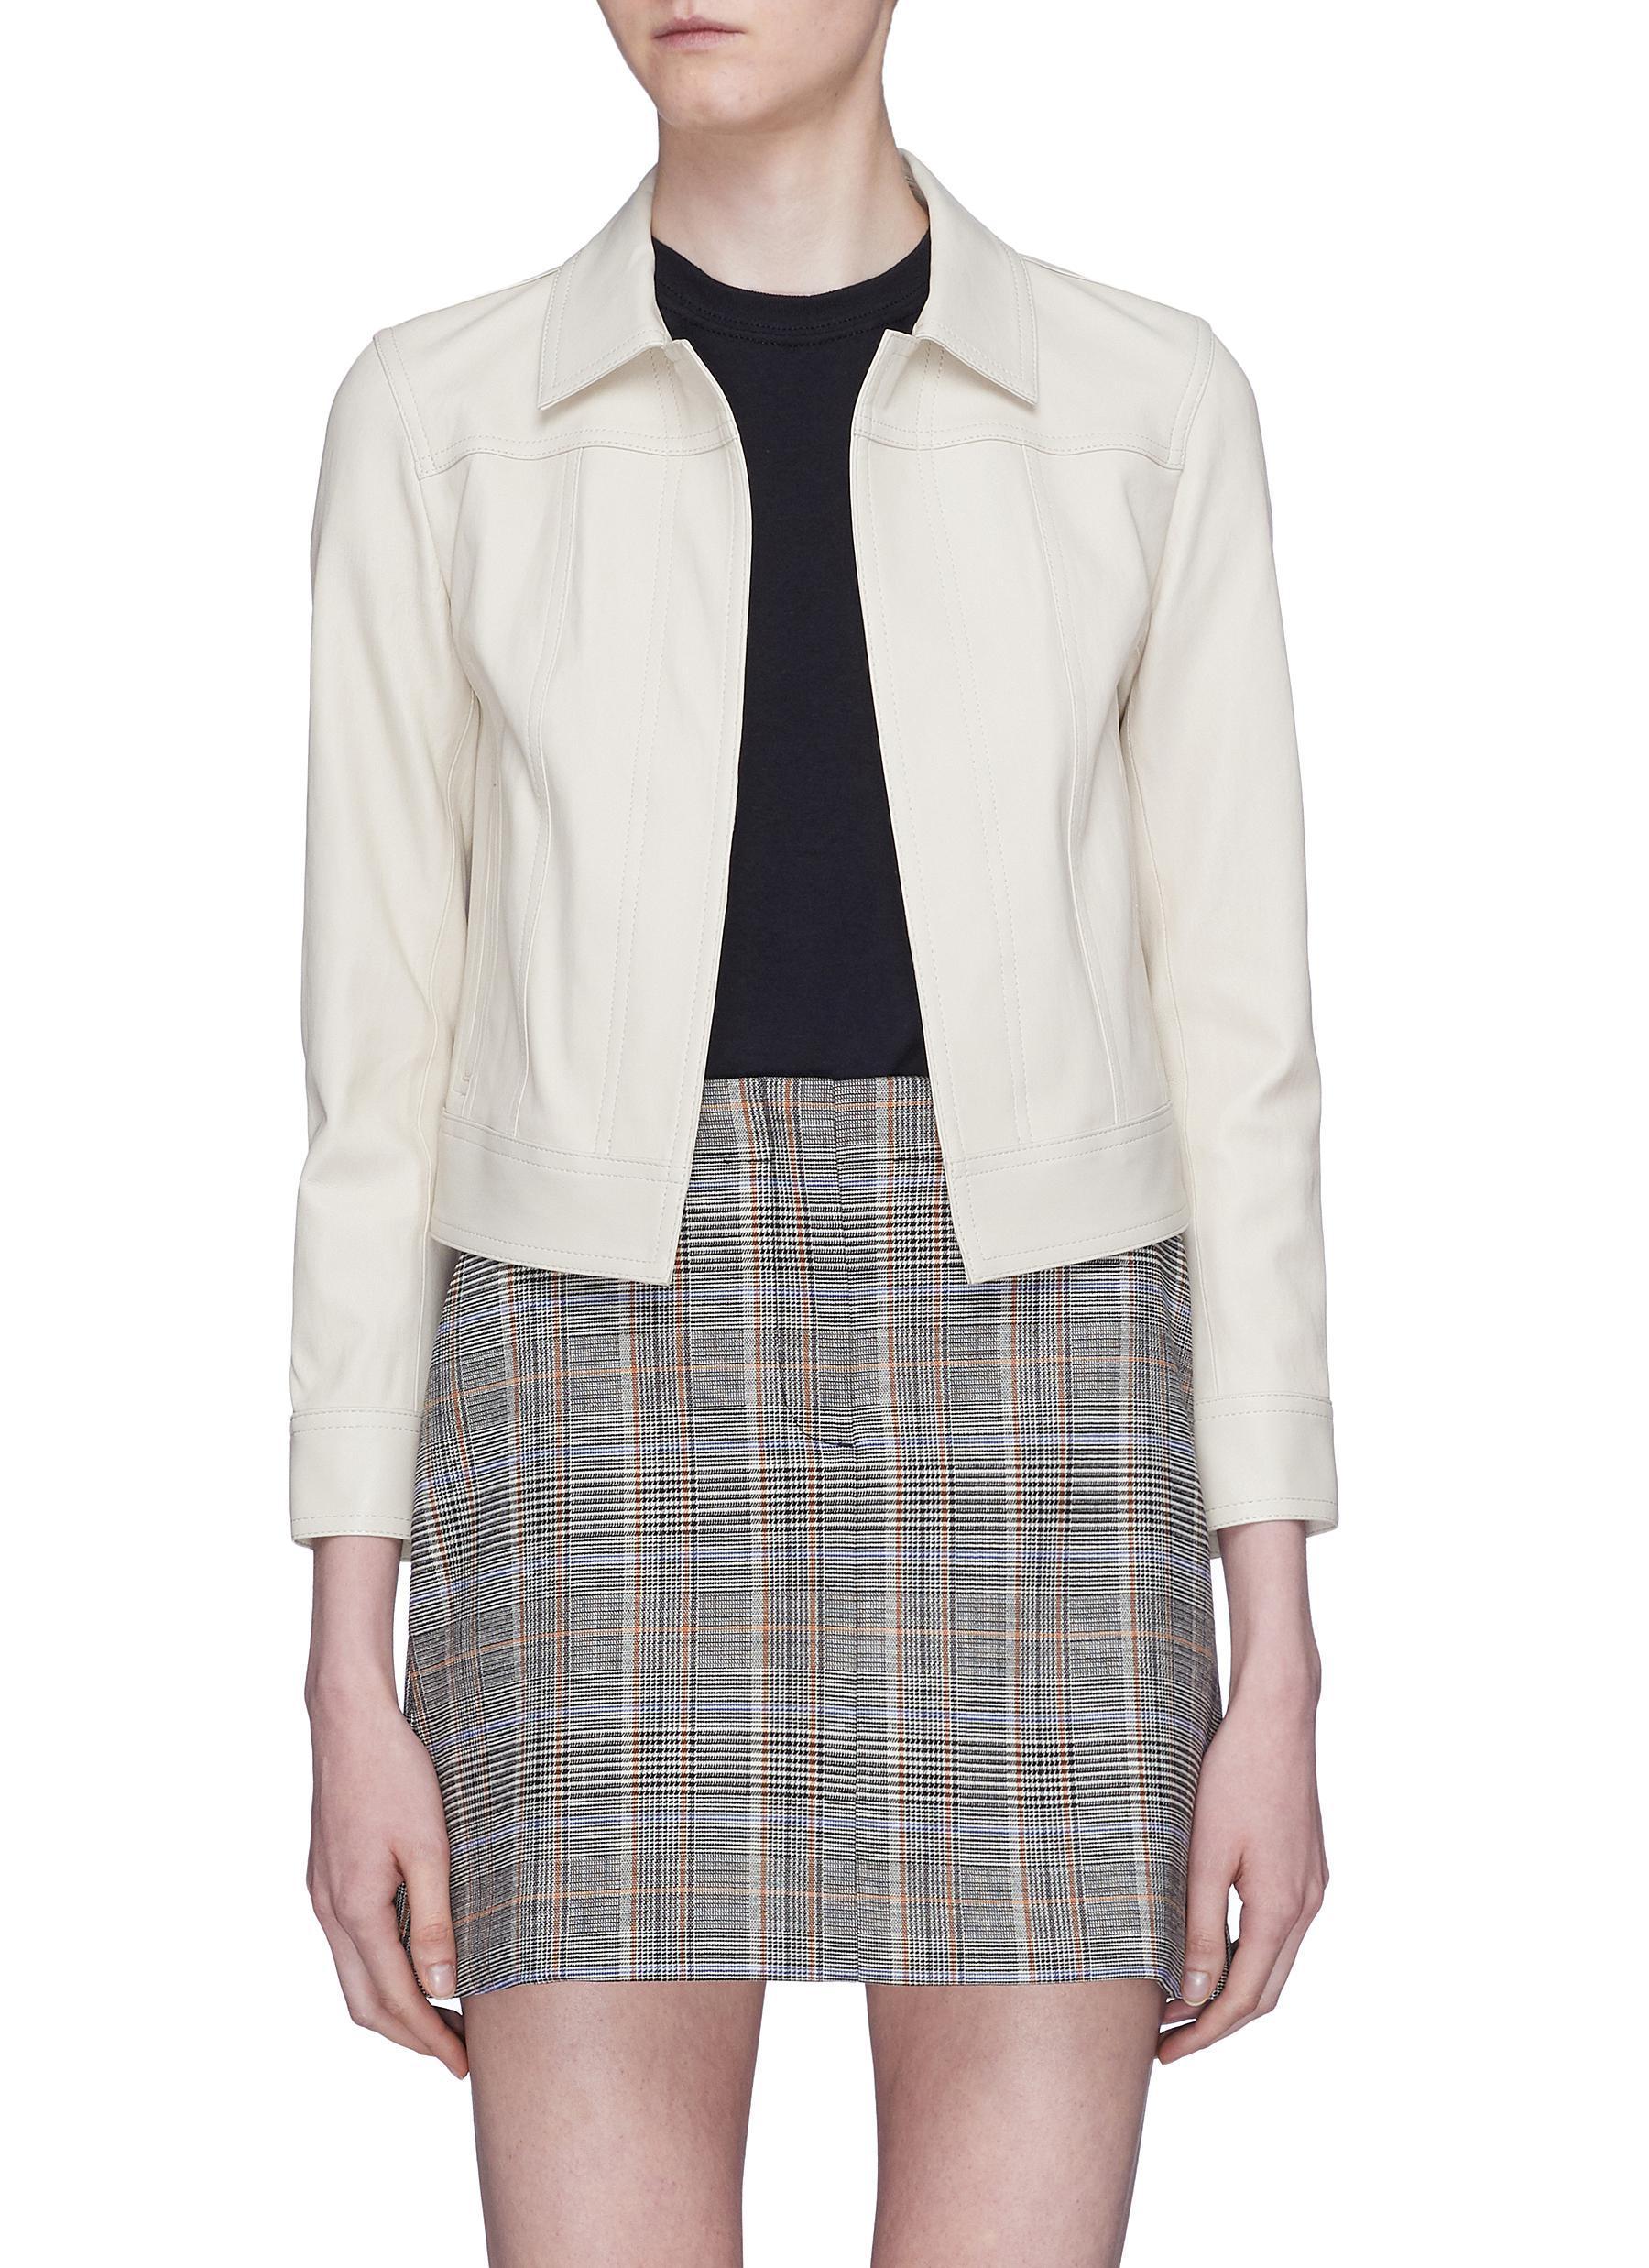 7fd8dfaa37 Theory Shrunken Leather Jacket in White - Lyst